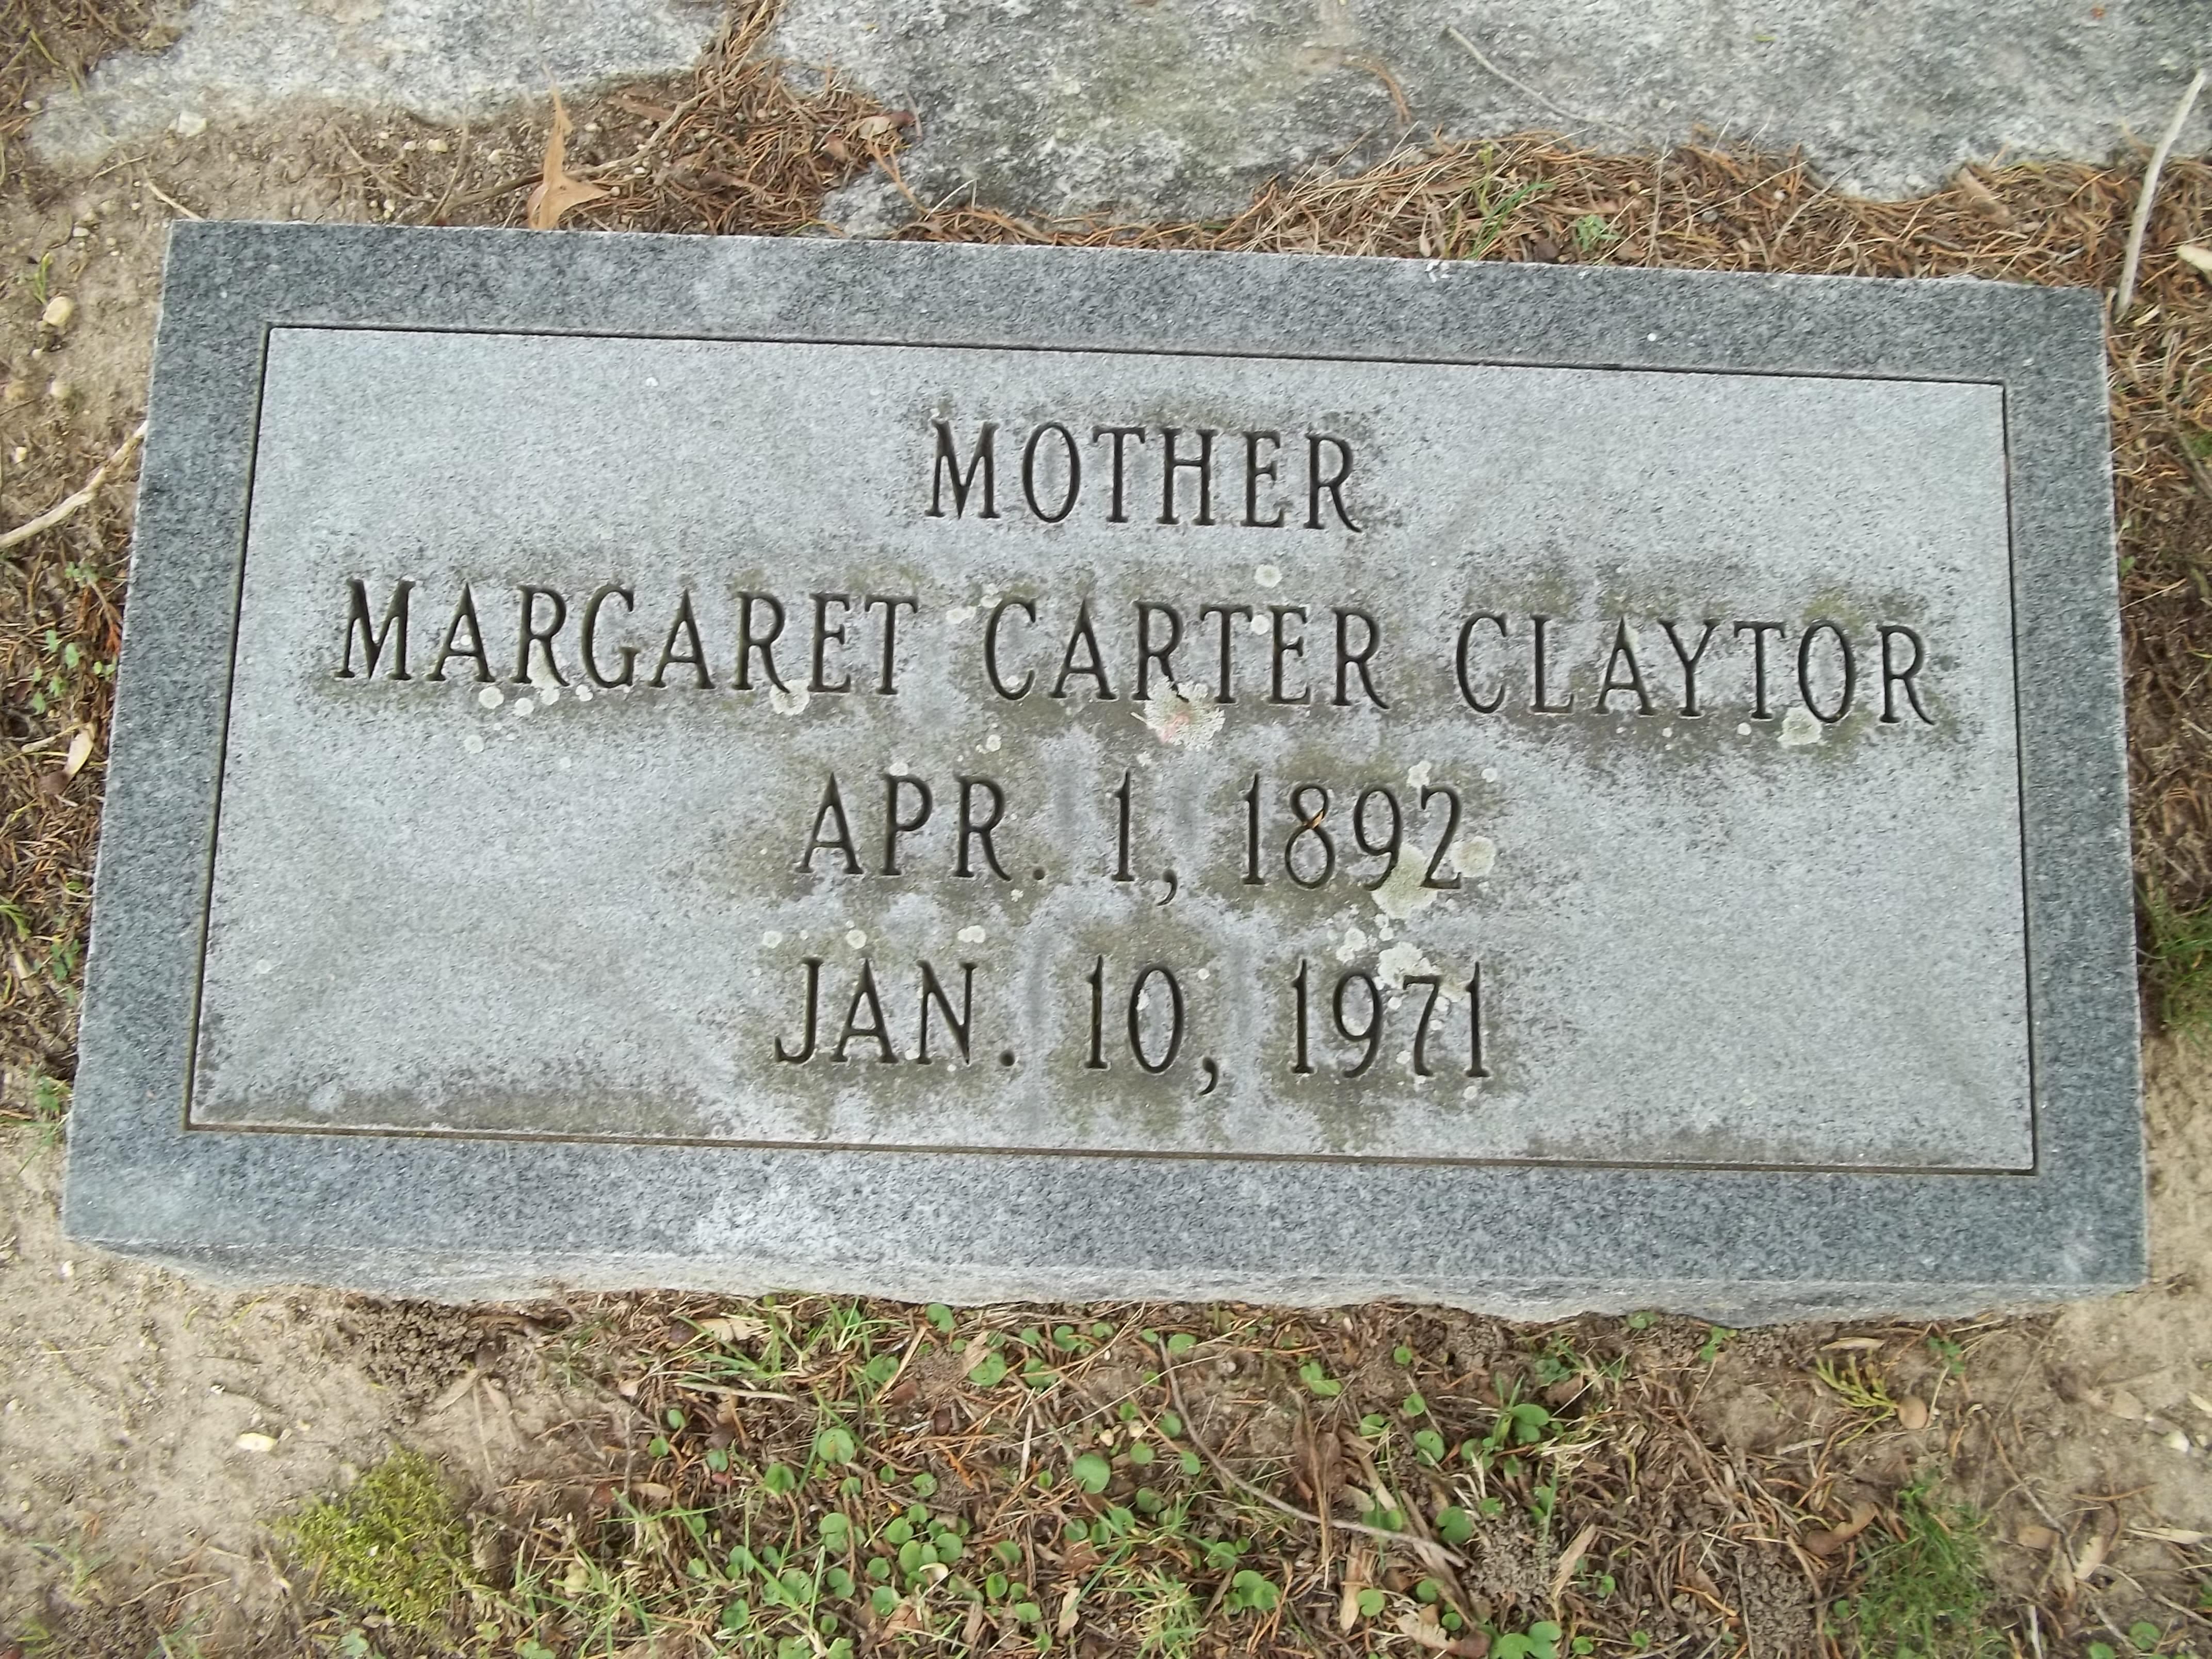 Margaret Ethel Carter